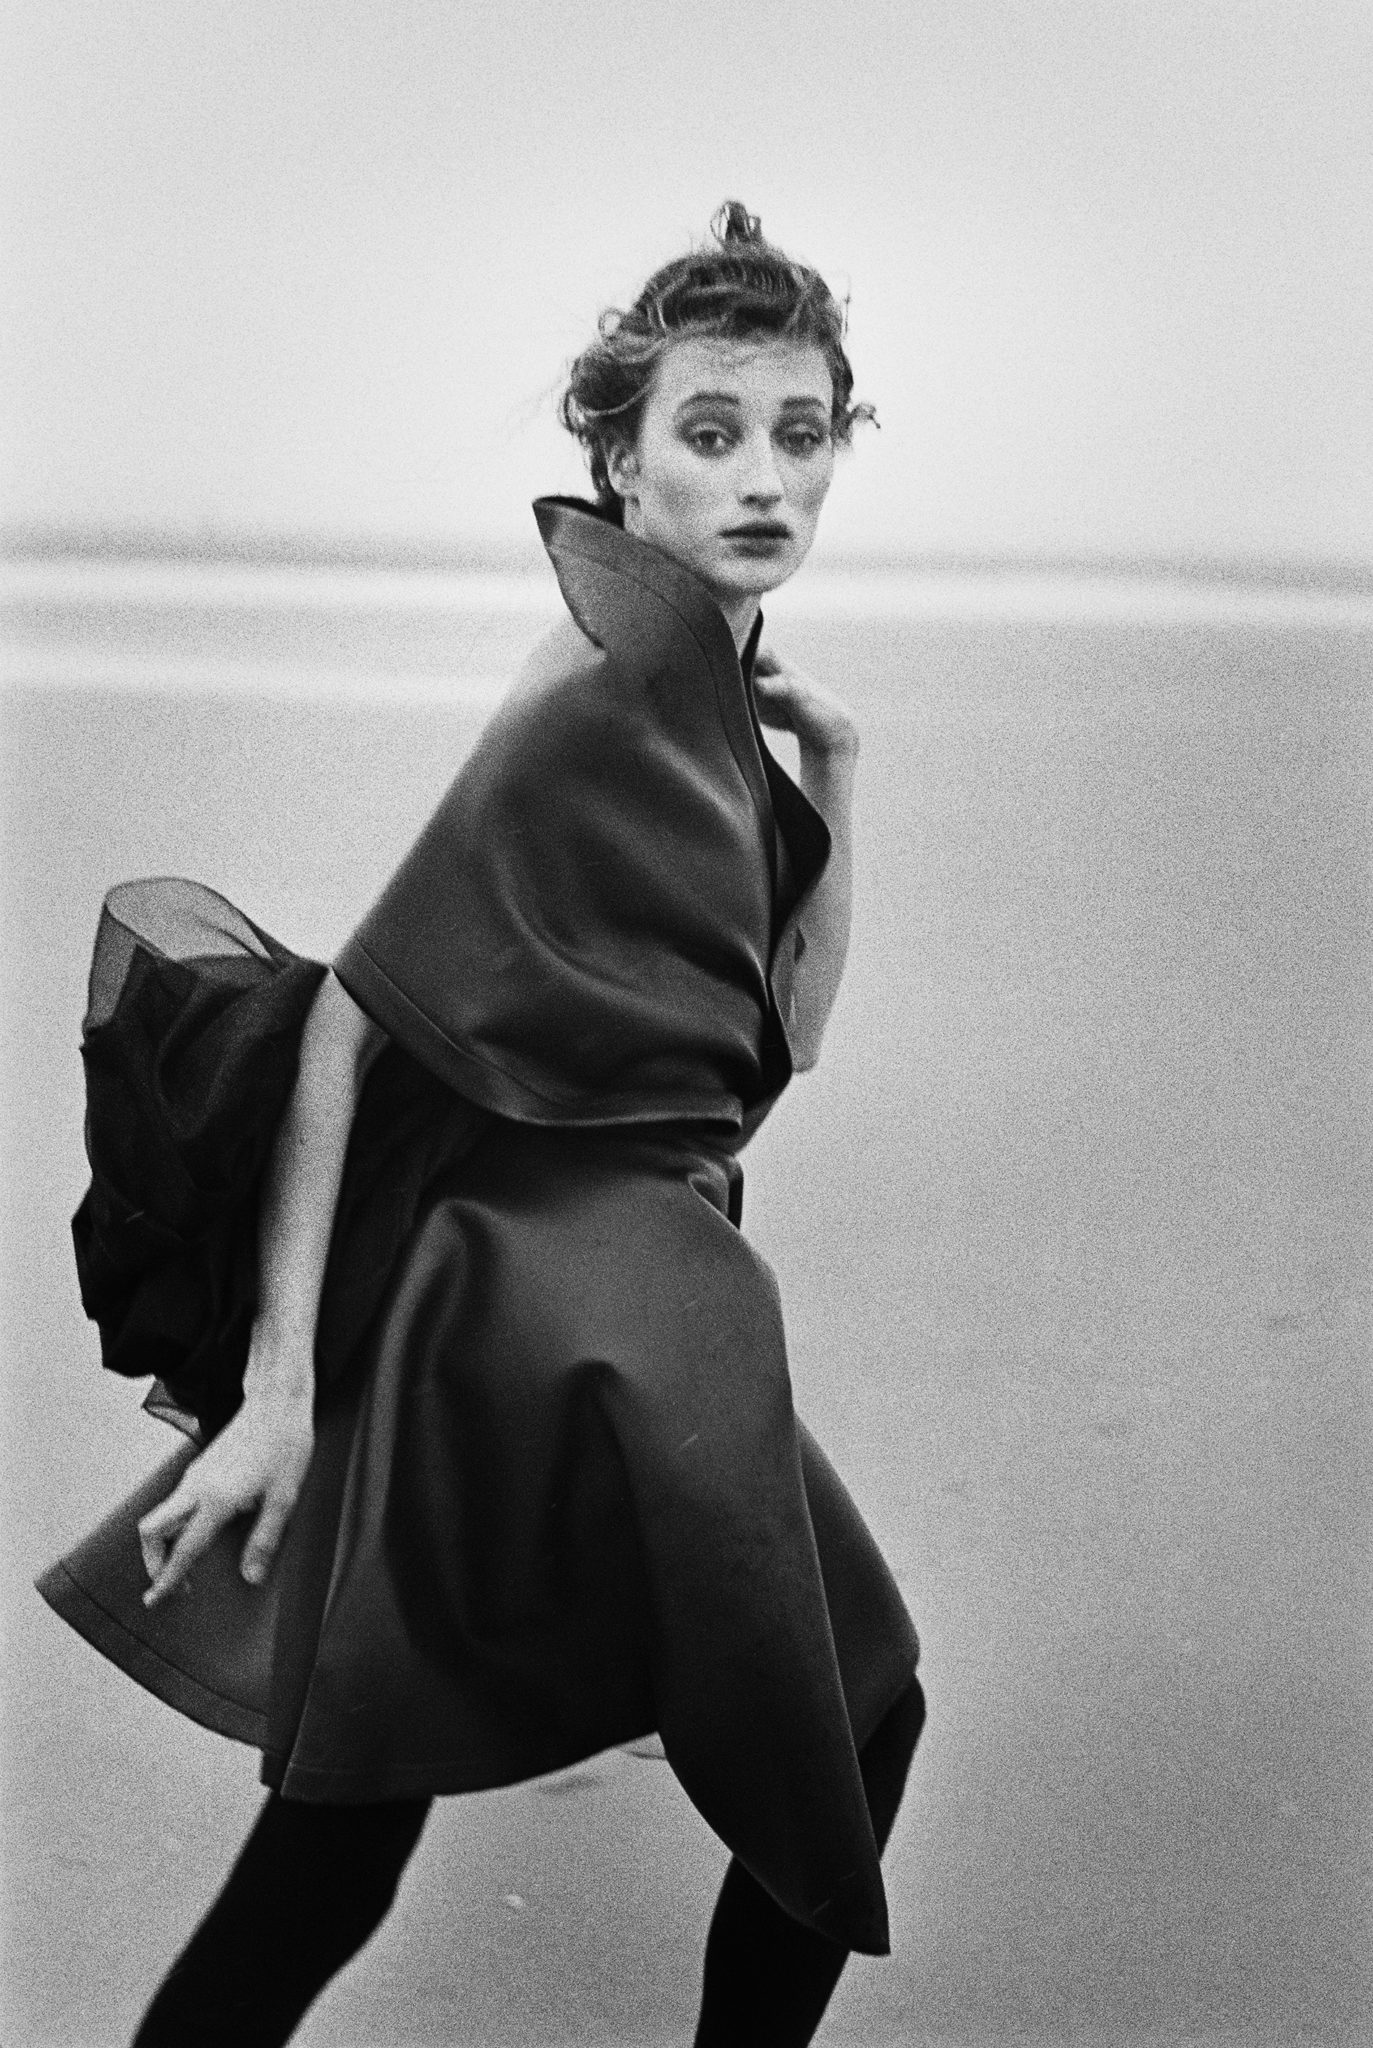 Marie-Sophie Wilson, 1987 ©PeterLindbergh